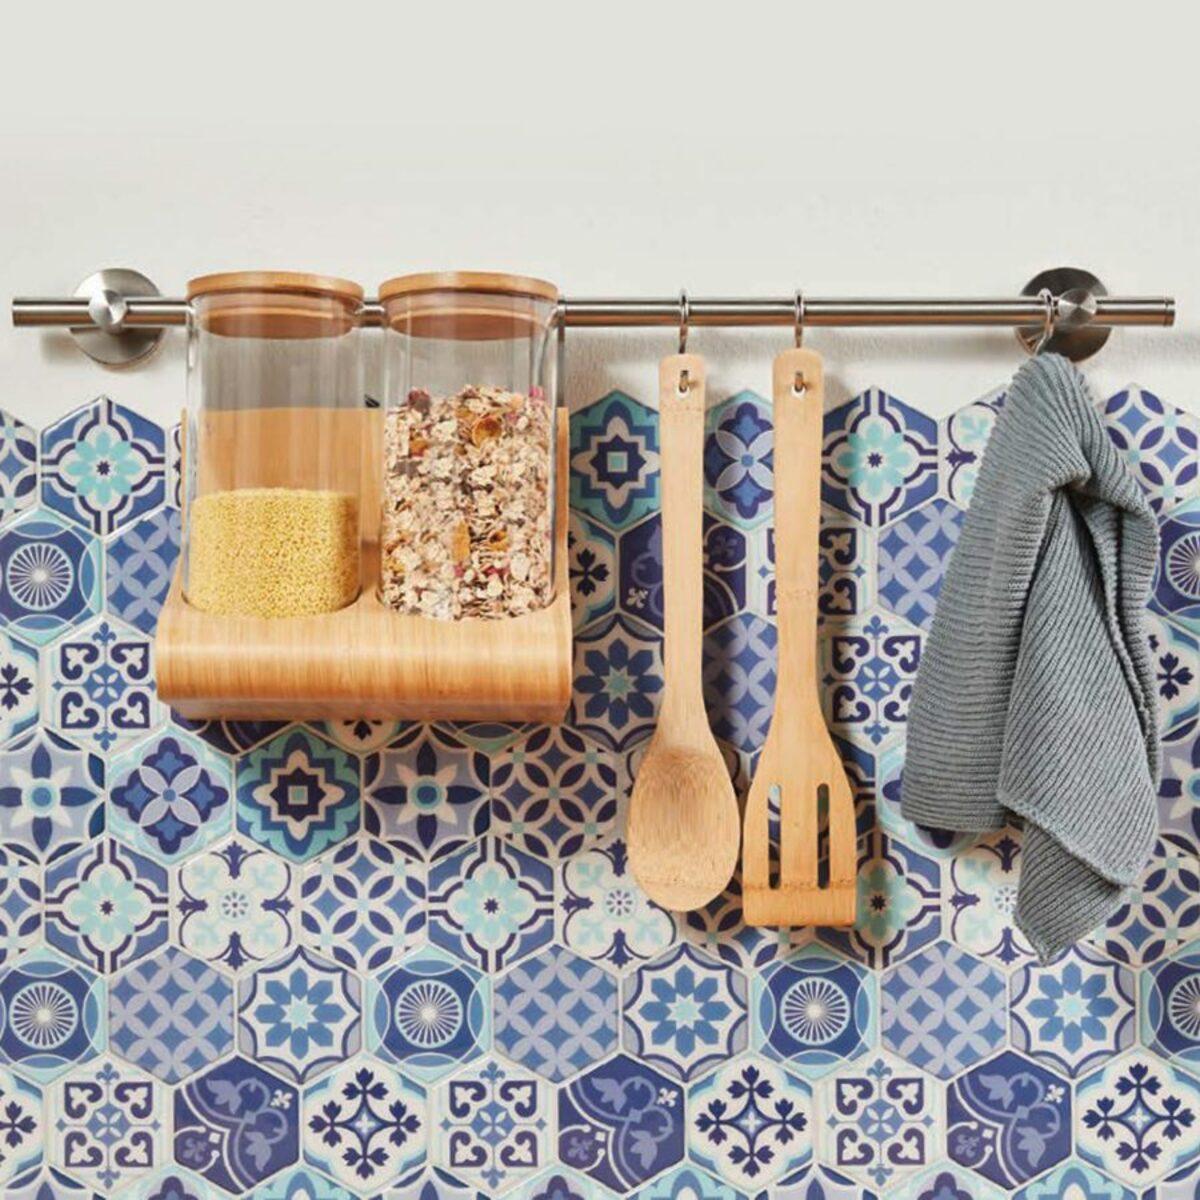 Bild 2 von HOME CREATION     Modulare Küchenreling